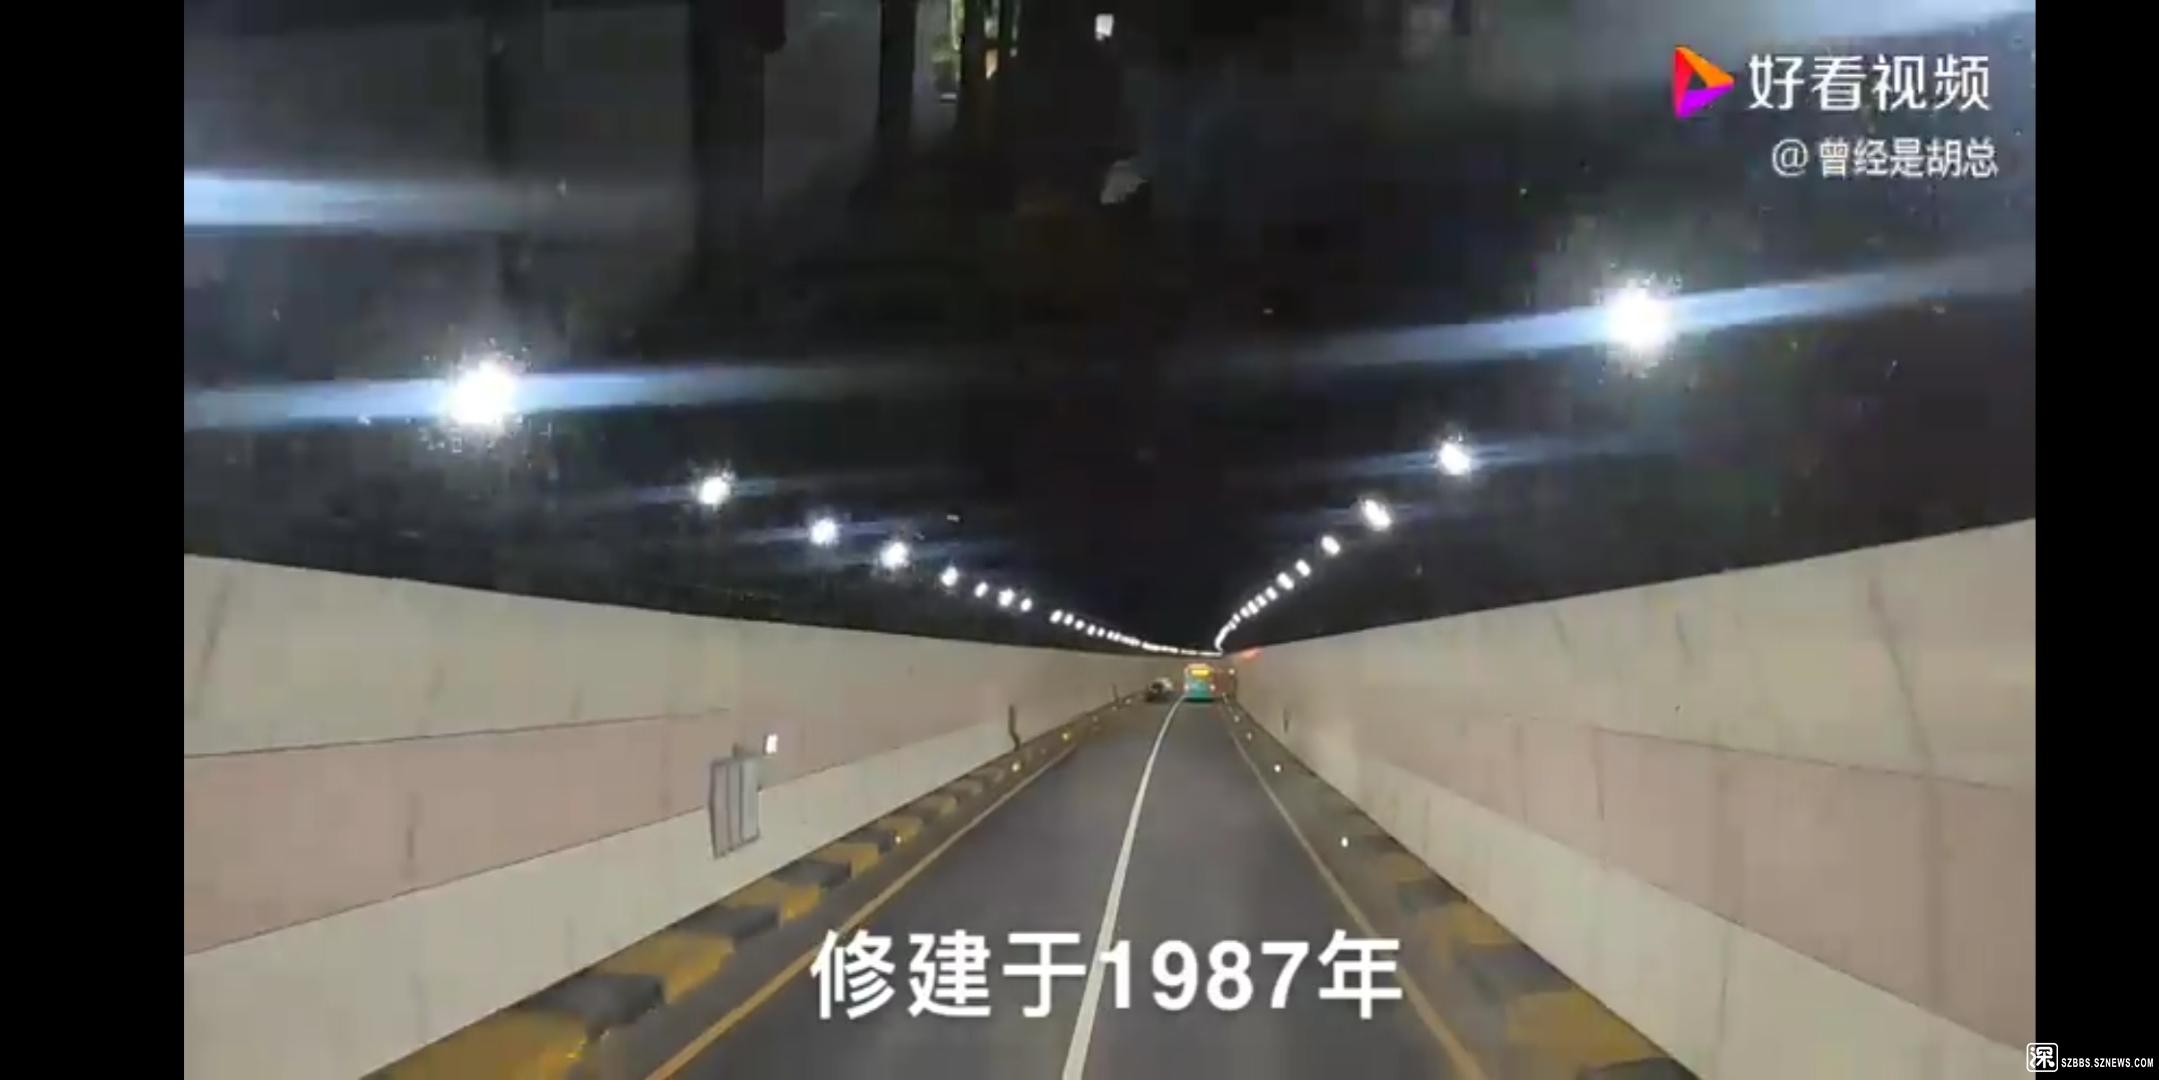 梧桐山隧道03.jpg